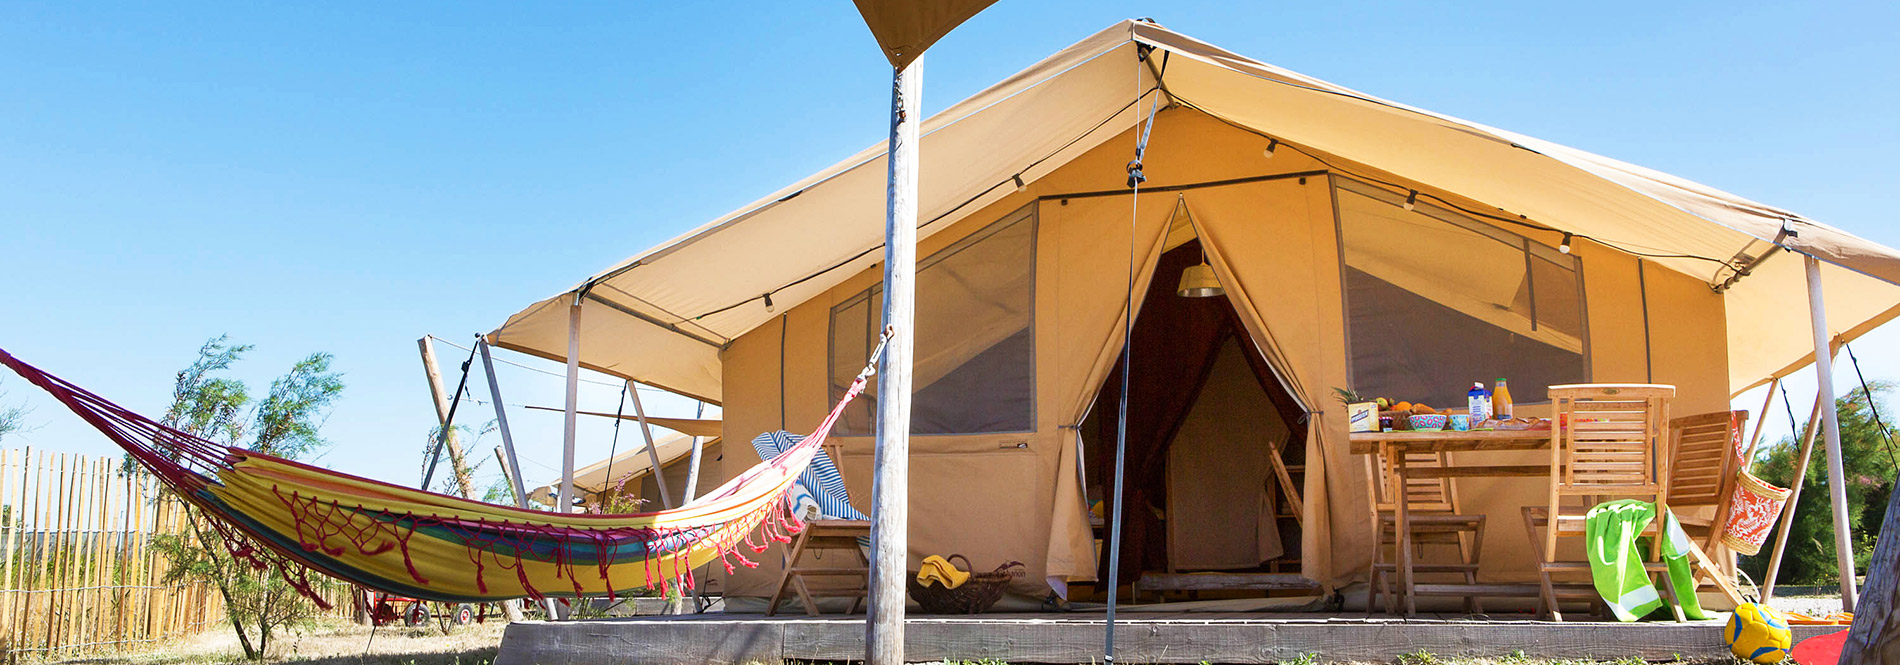 arcachon camping tente e